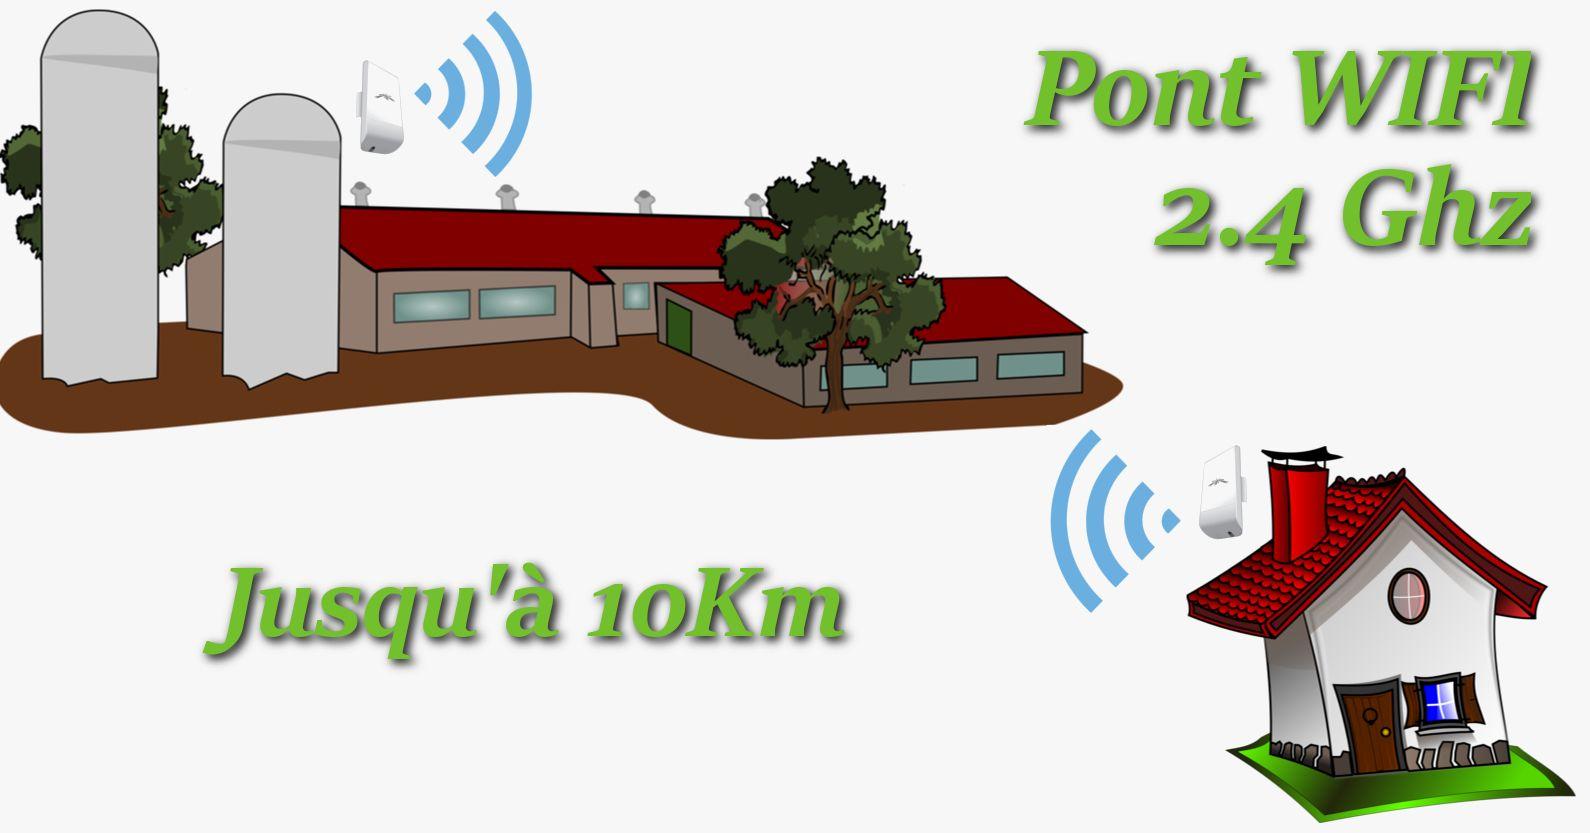 Pont Wifi